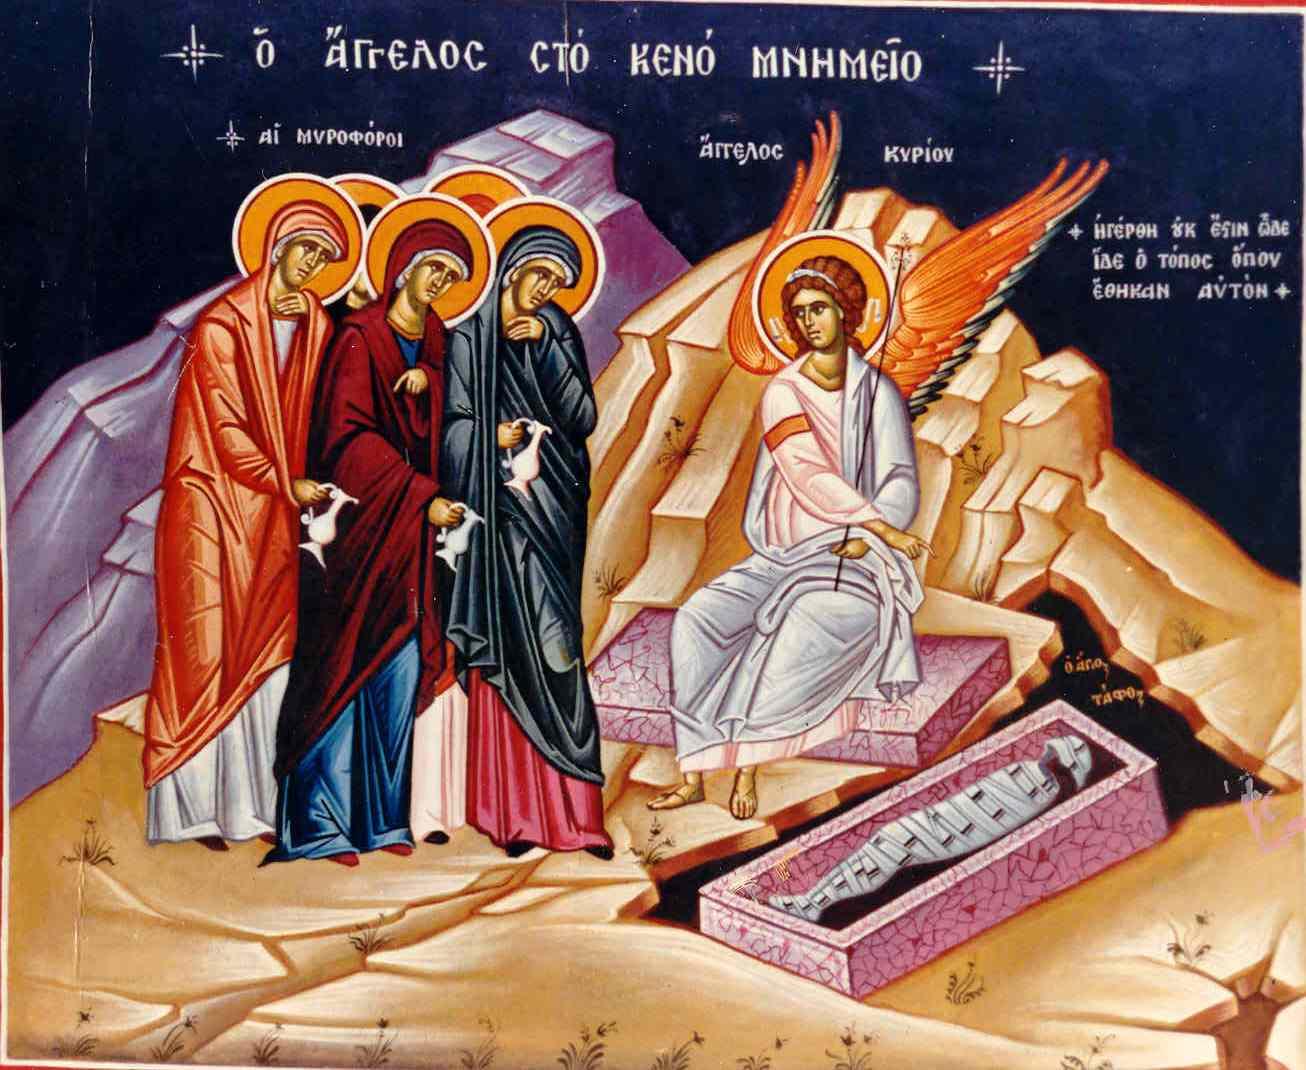 Άγγελος Στο Κενό Μνημίο